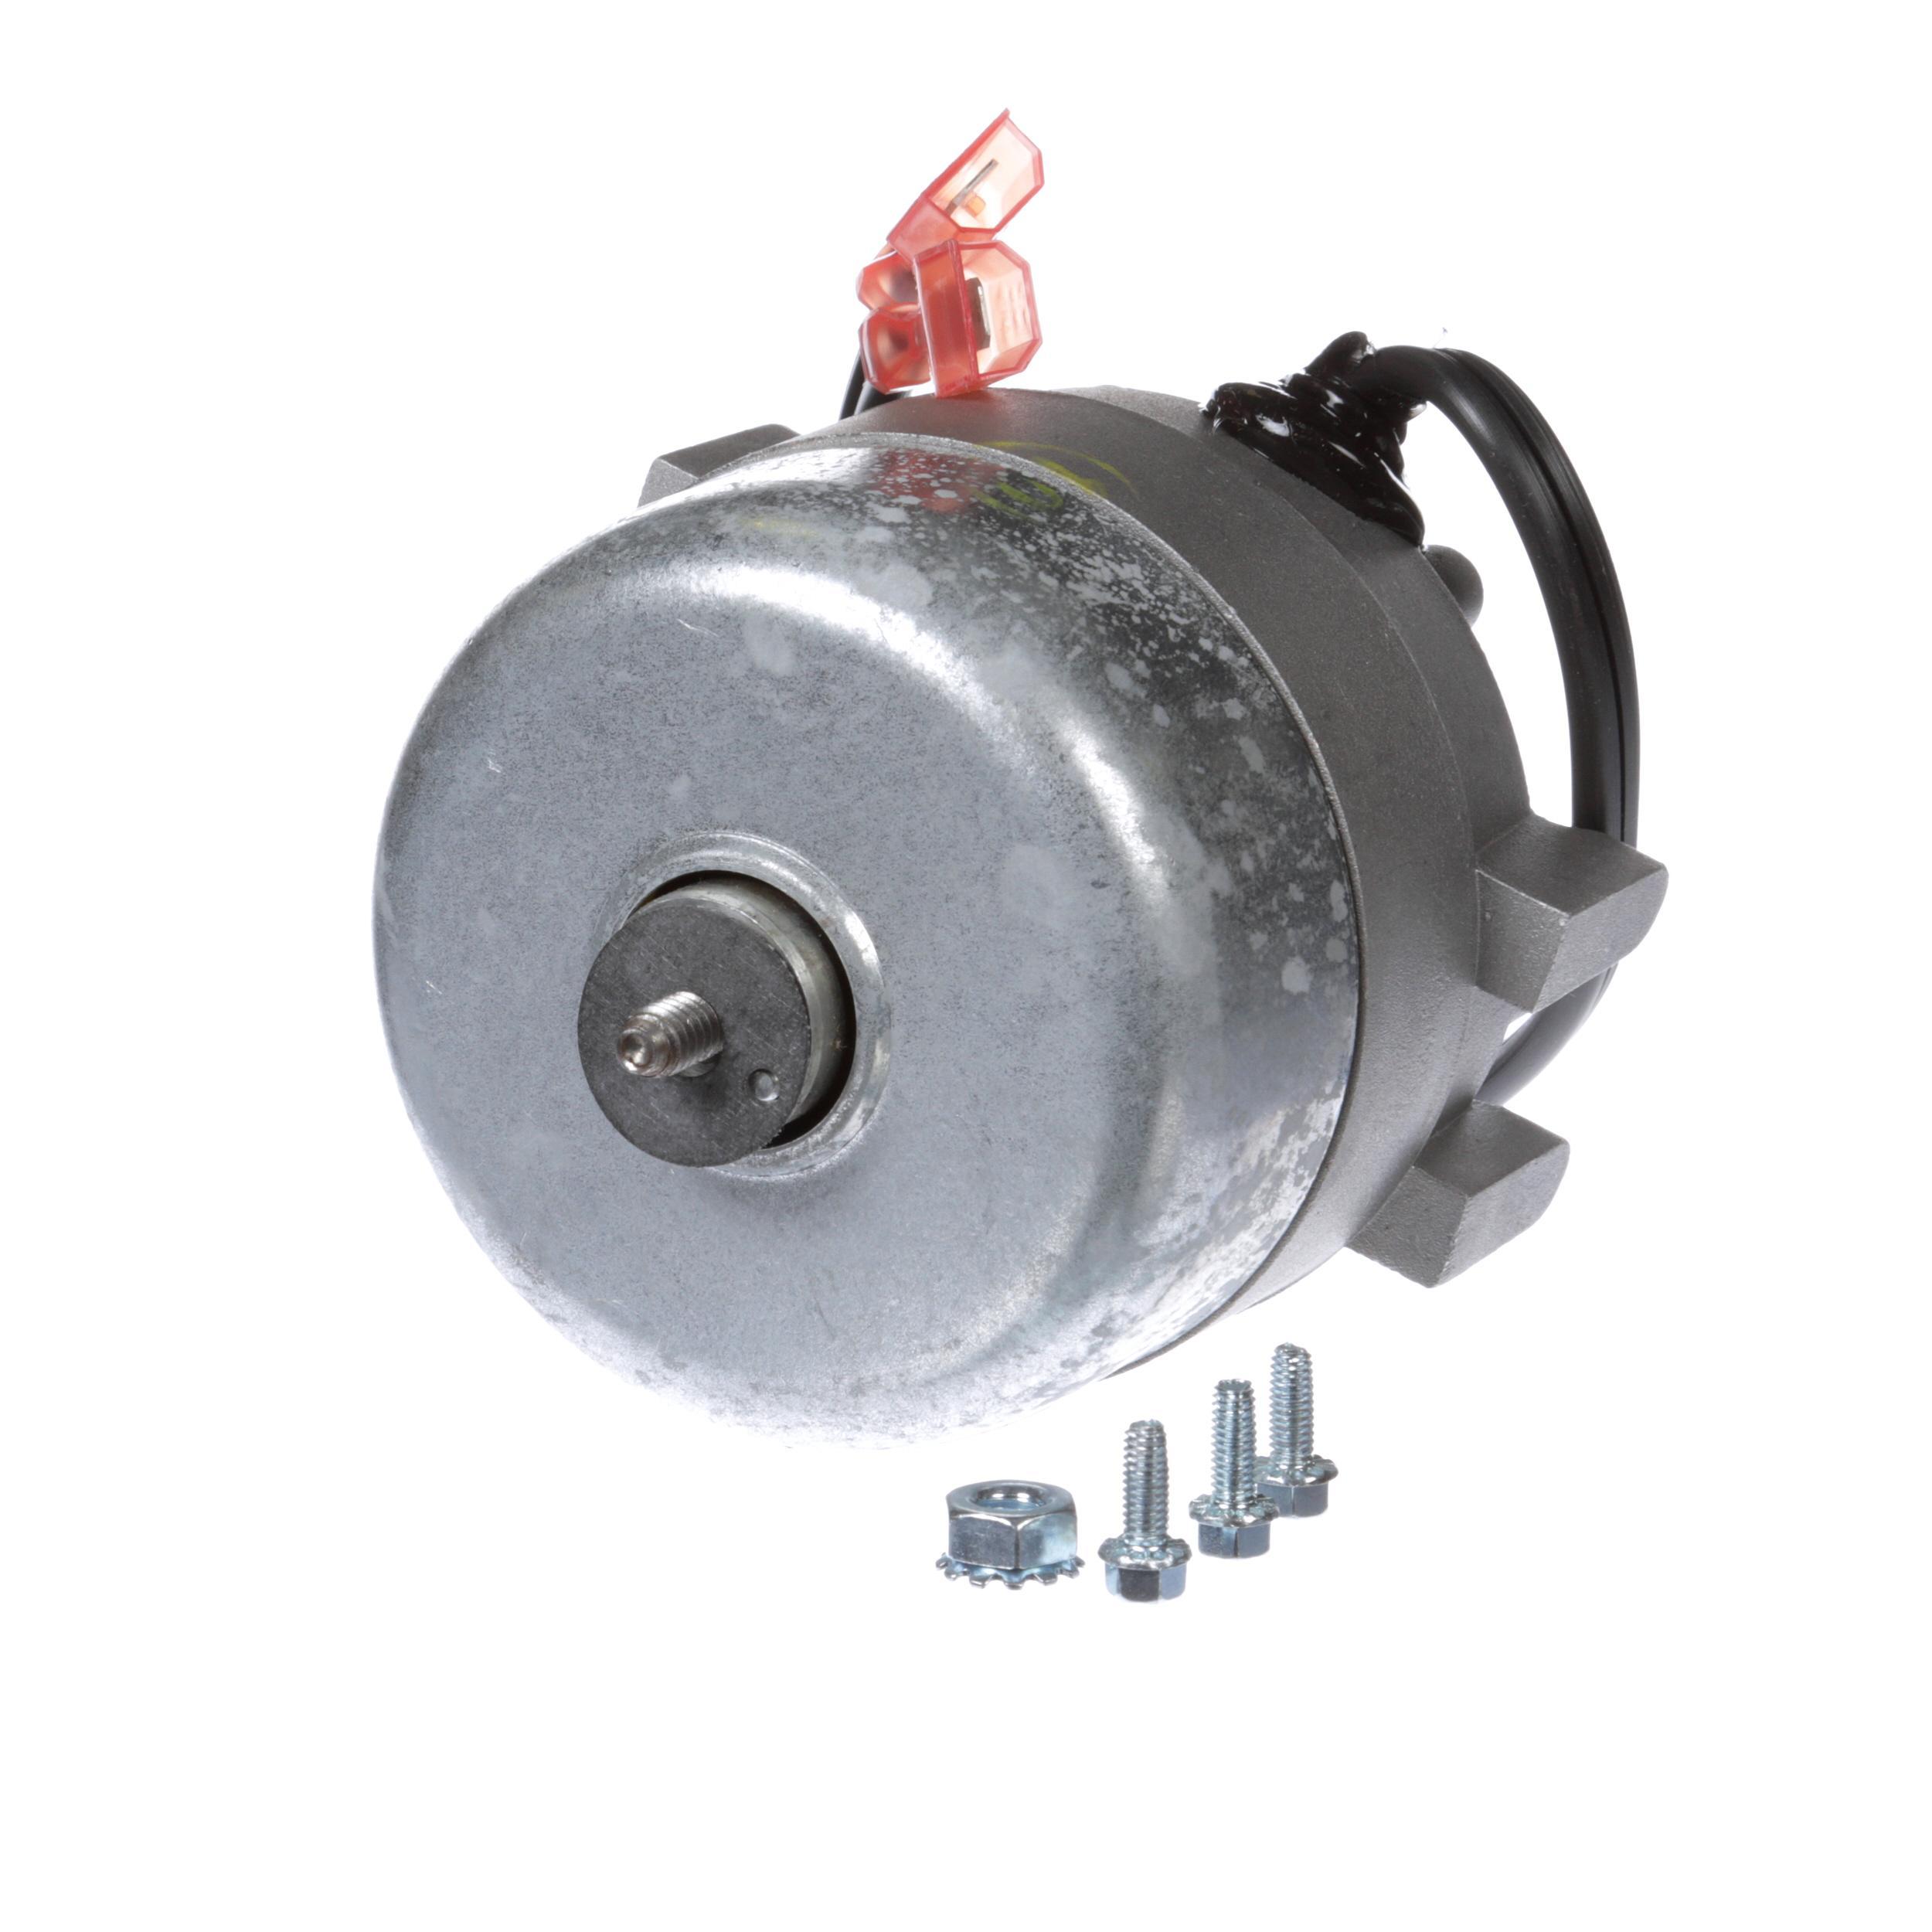 Master Bilt 230 V Ec Motor Morrill Part 13 13248